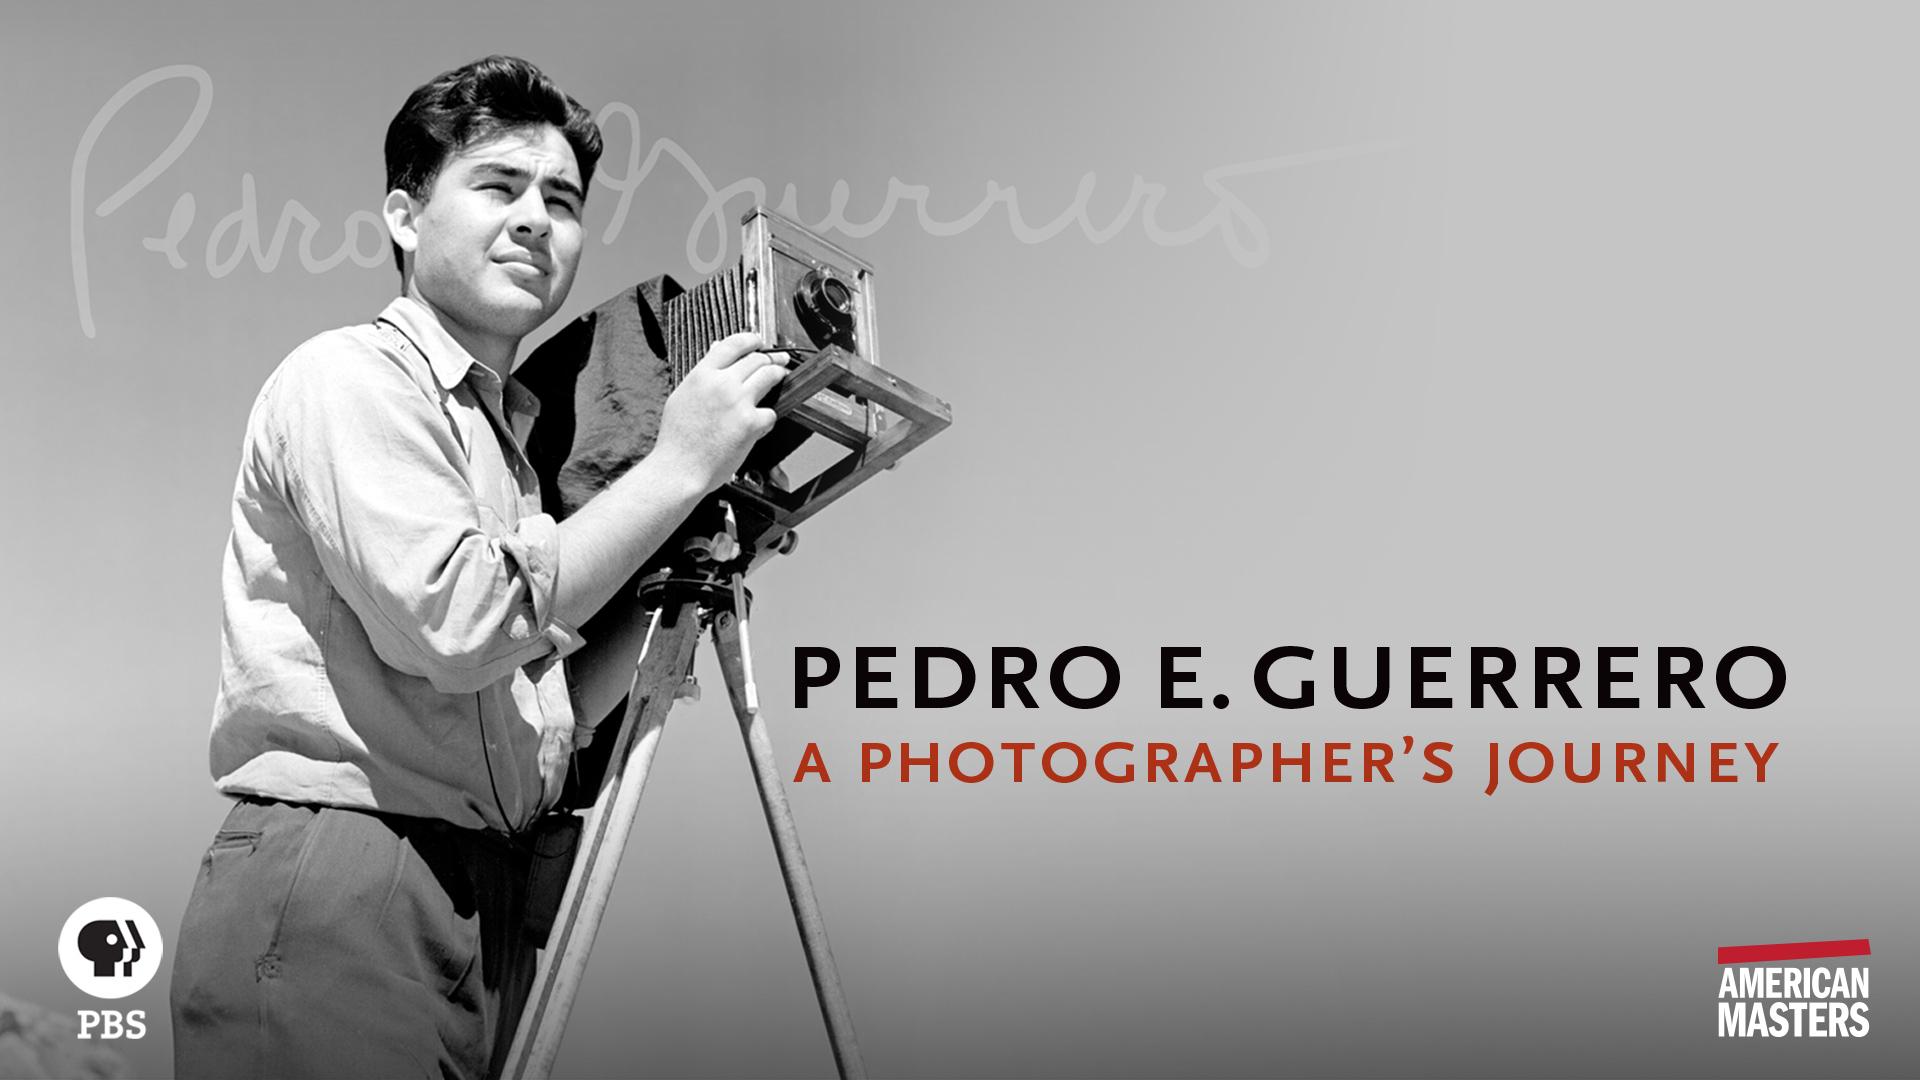 American Masters: Pedro E. Guerrero: A Photographer's Journey